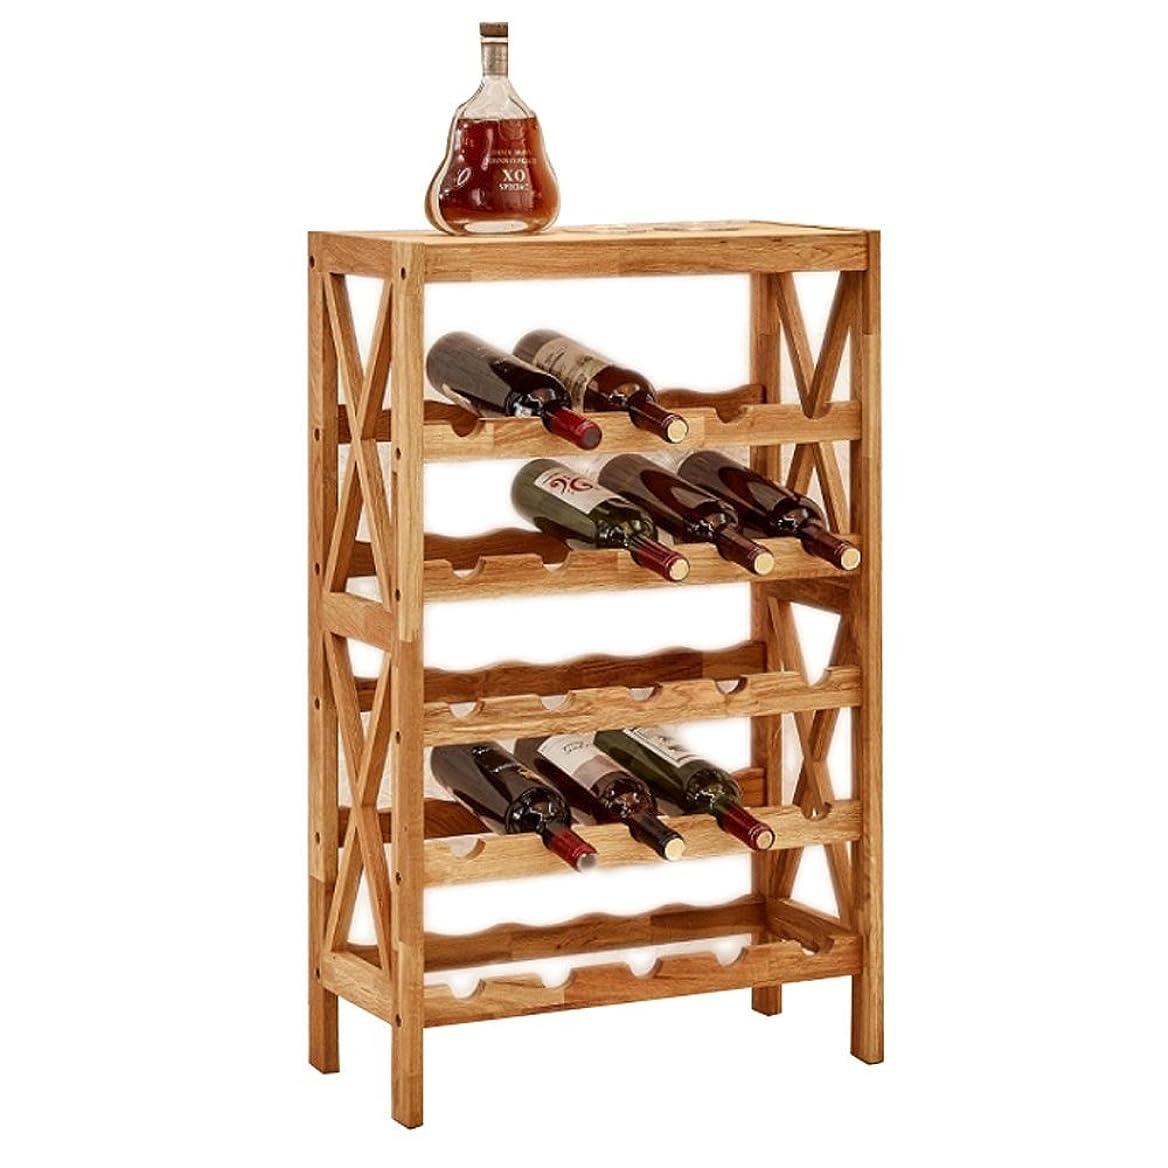 帳面慢性的思想ワインラックの純木のワインの陳列台棒ワインのキャビネット、床の格子棚 - 5つの層、8つの層 (設計 : 5 layers)